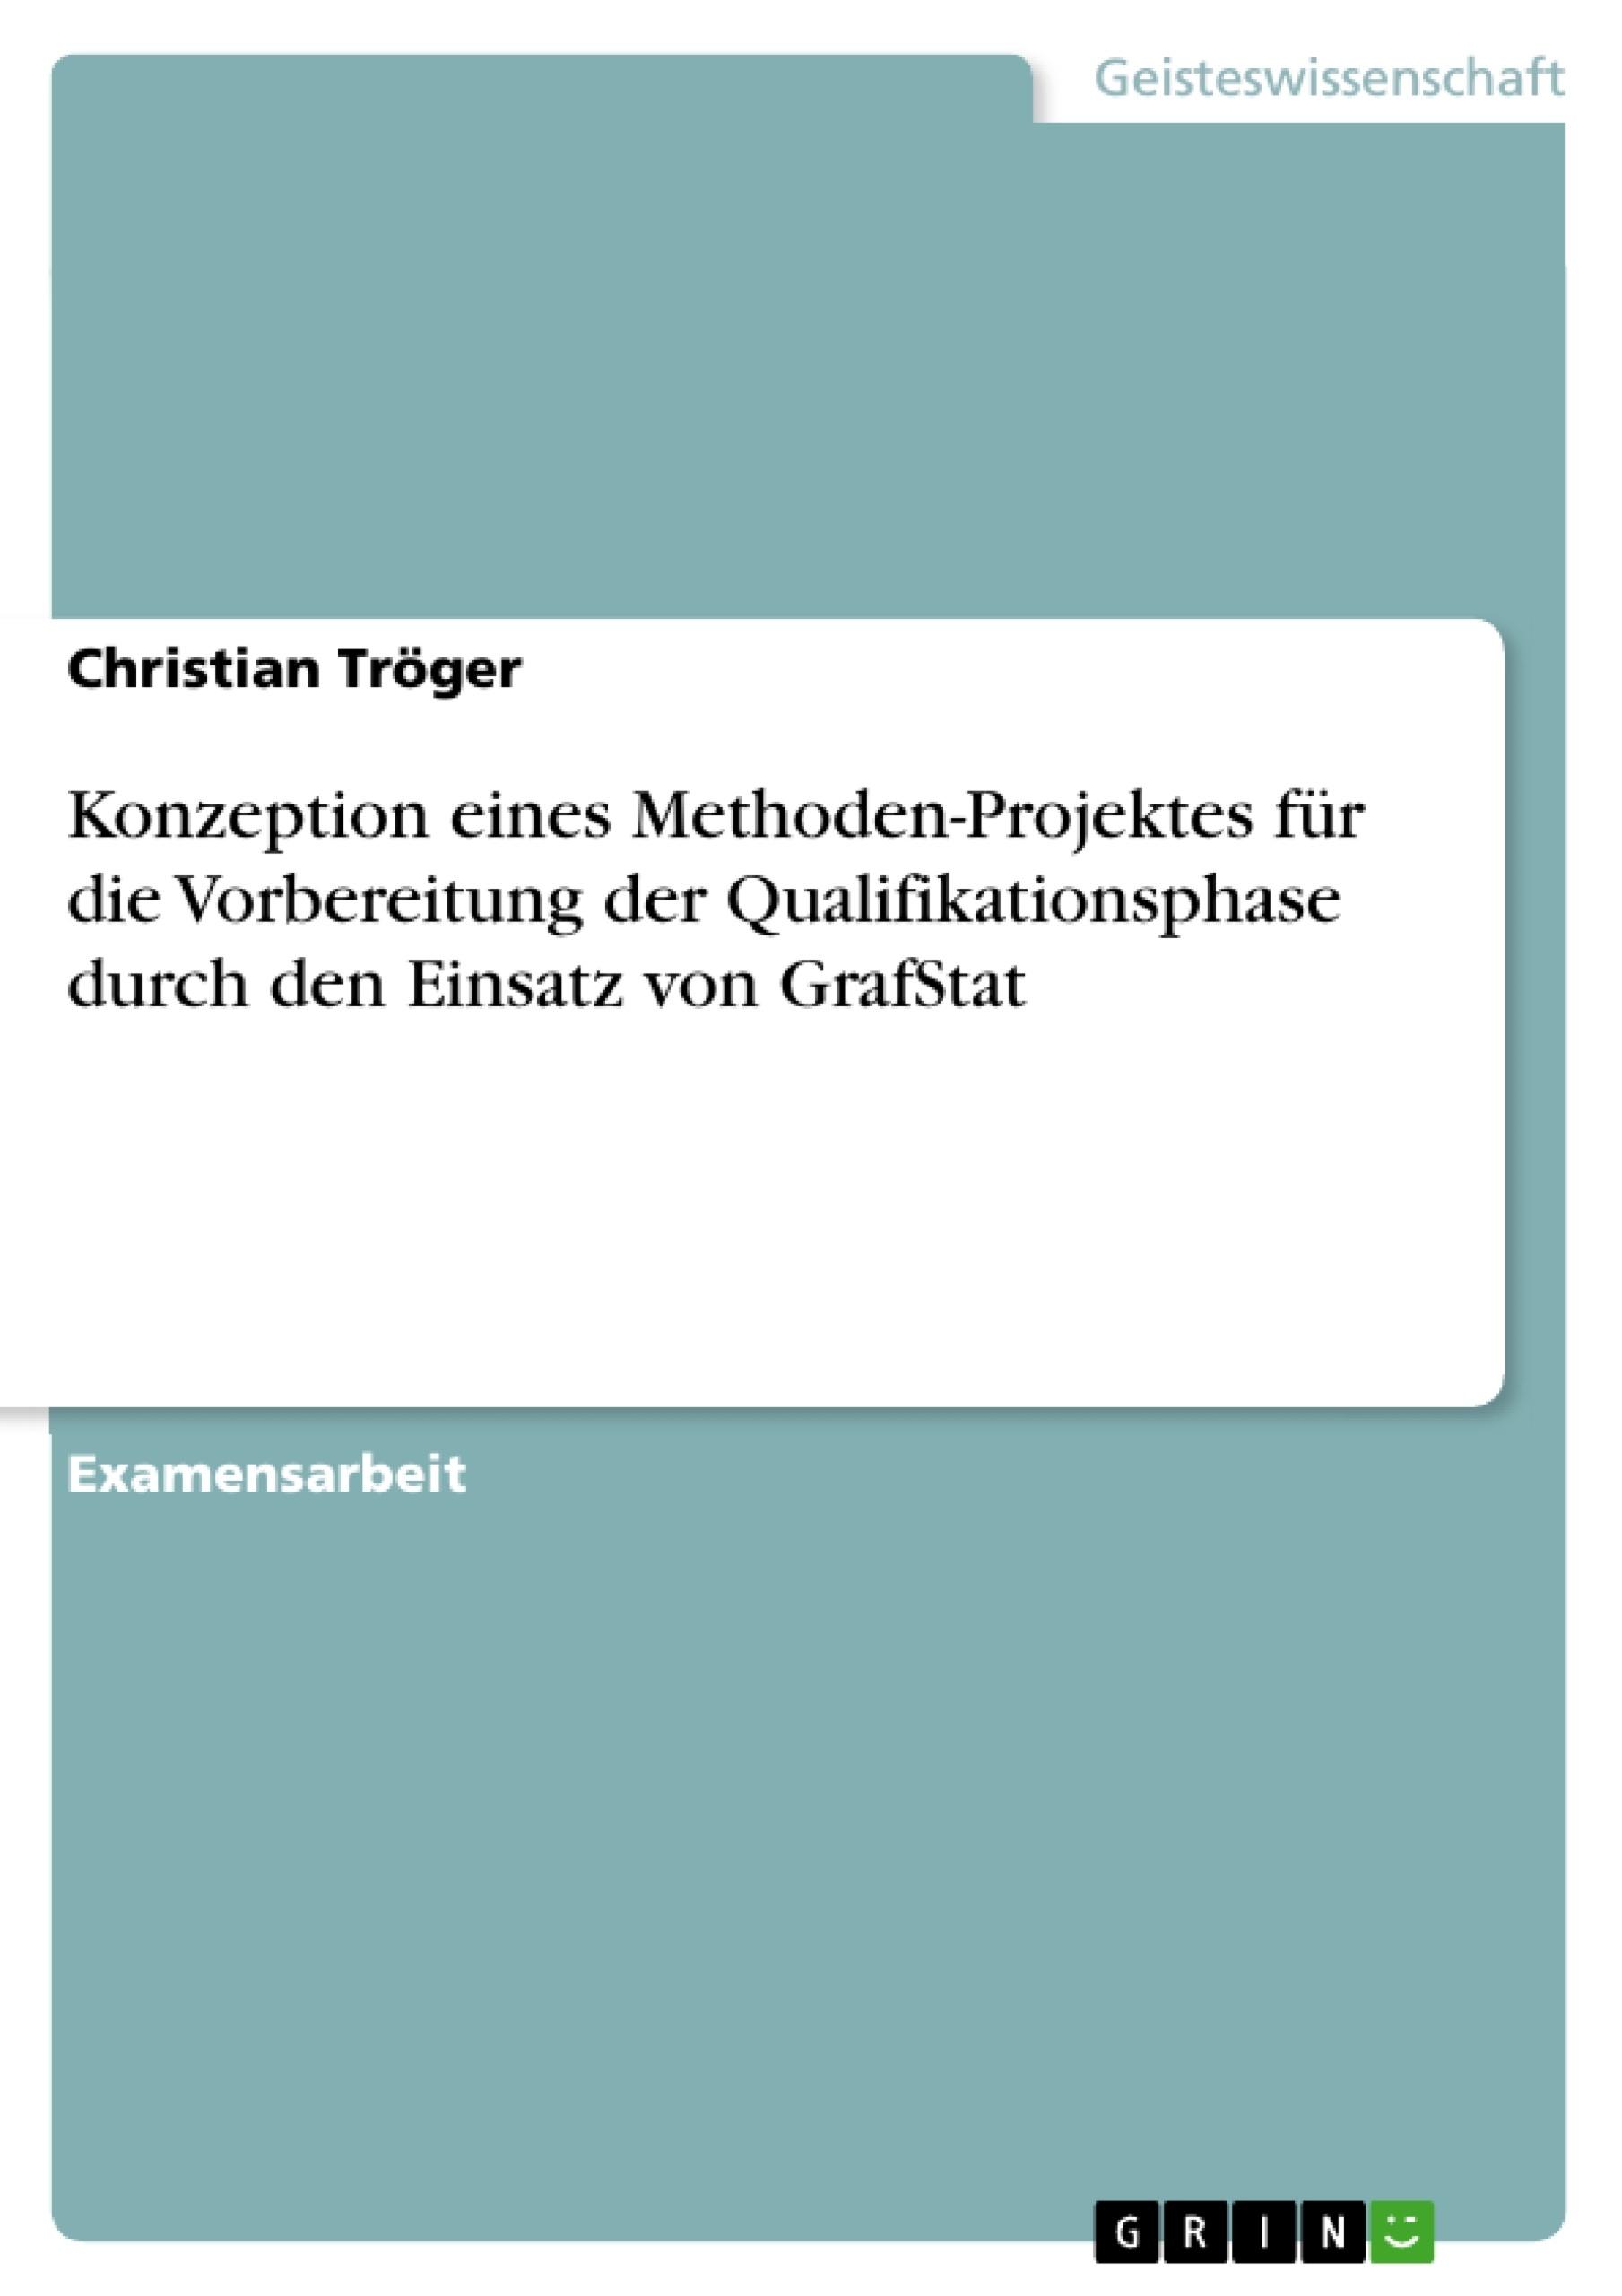 Titel: Konzeption eines Methoden-Projektes für die Vorbereitung der Qualifikationsphase durch den Einsatz von GrafStat